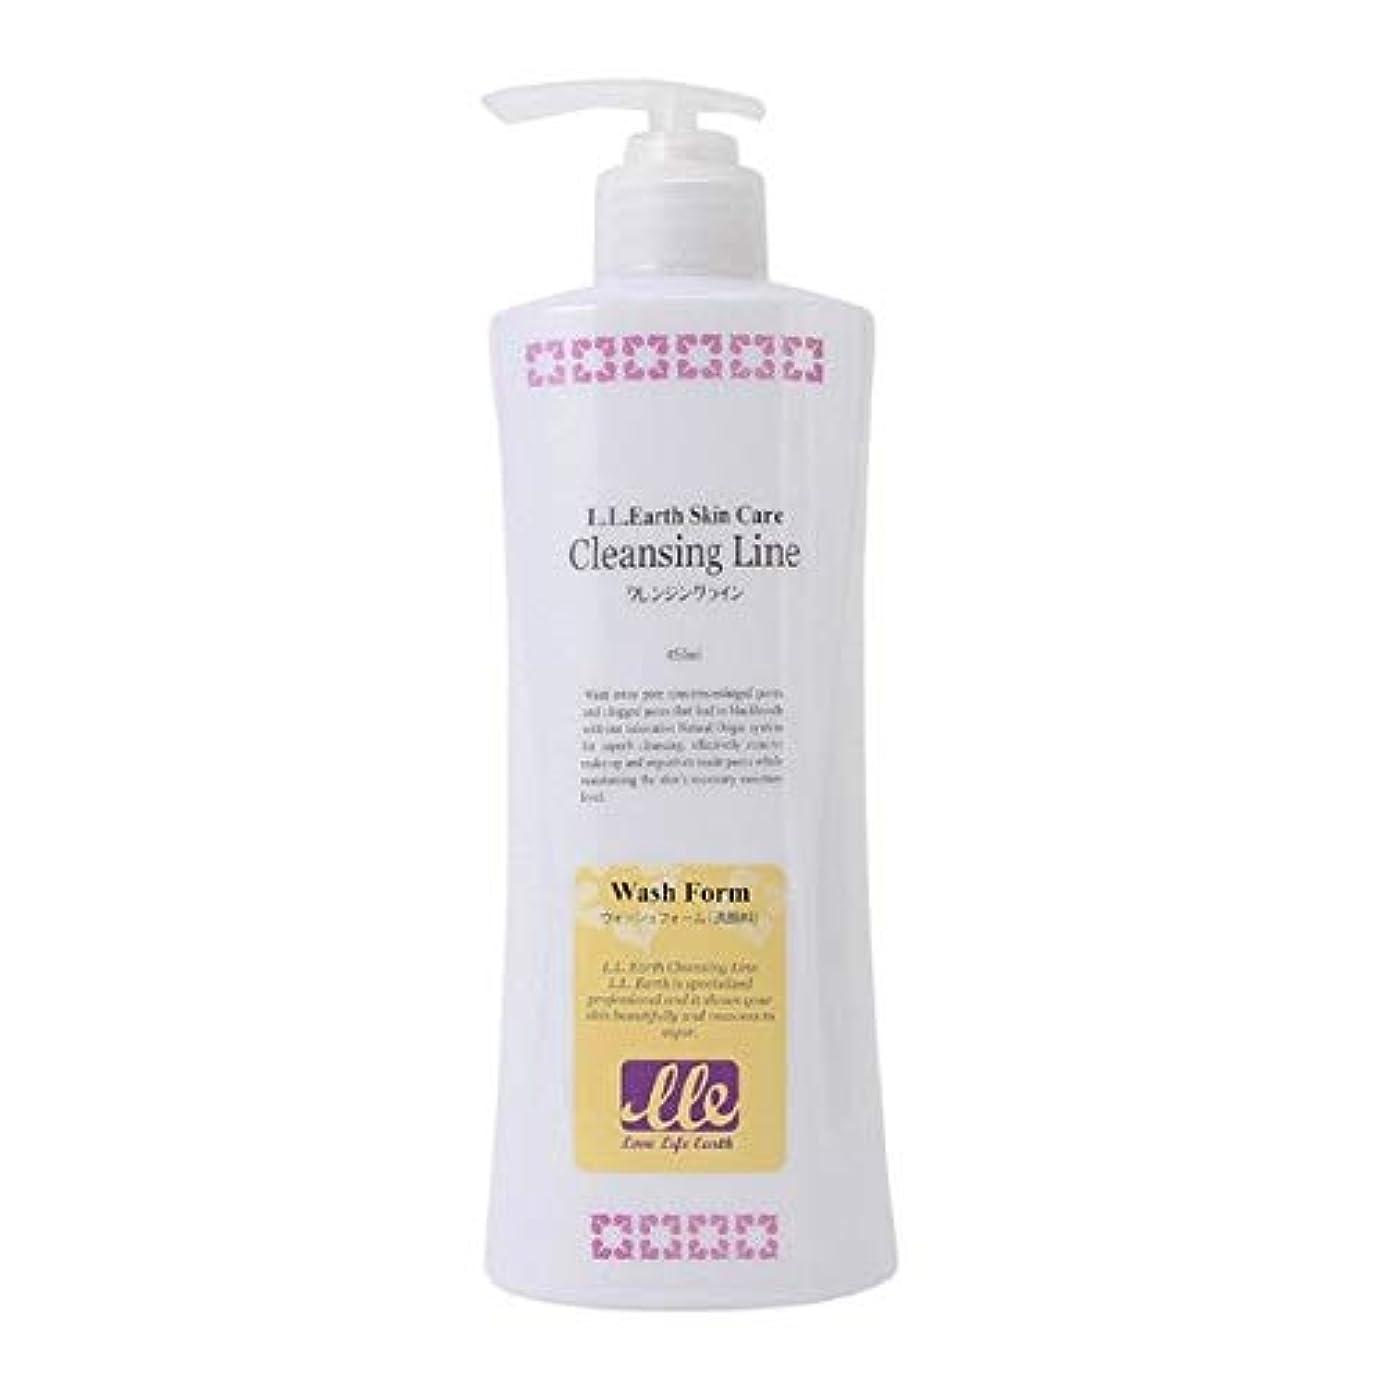 未満埋め込む行くLLE ウォッシュフォーム 業務用 450ml 洗顔 洗顔料 クリームタイプ アロエベラ